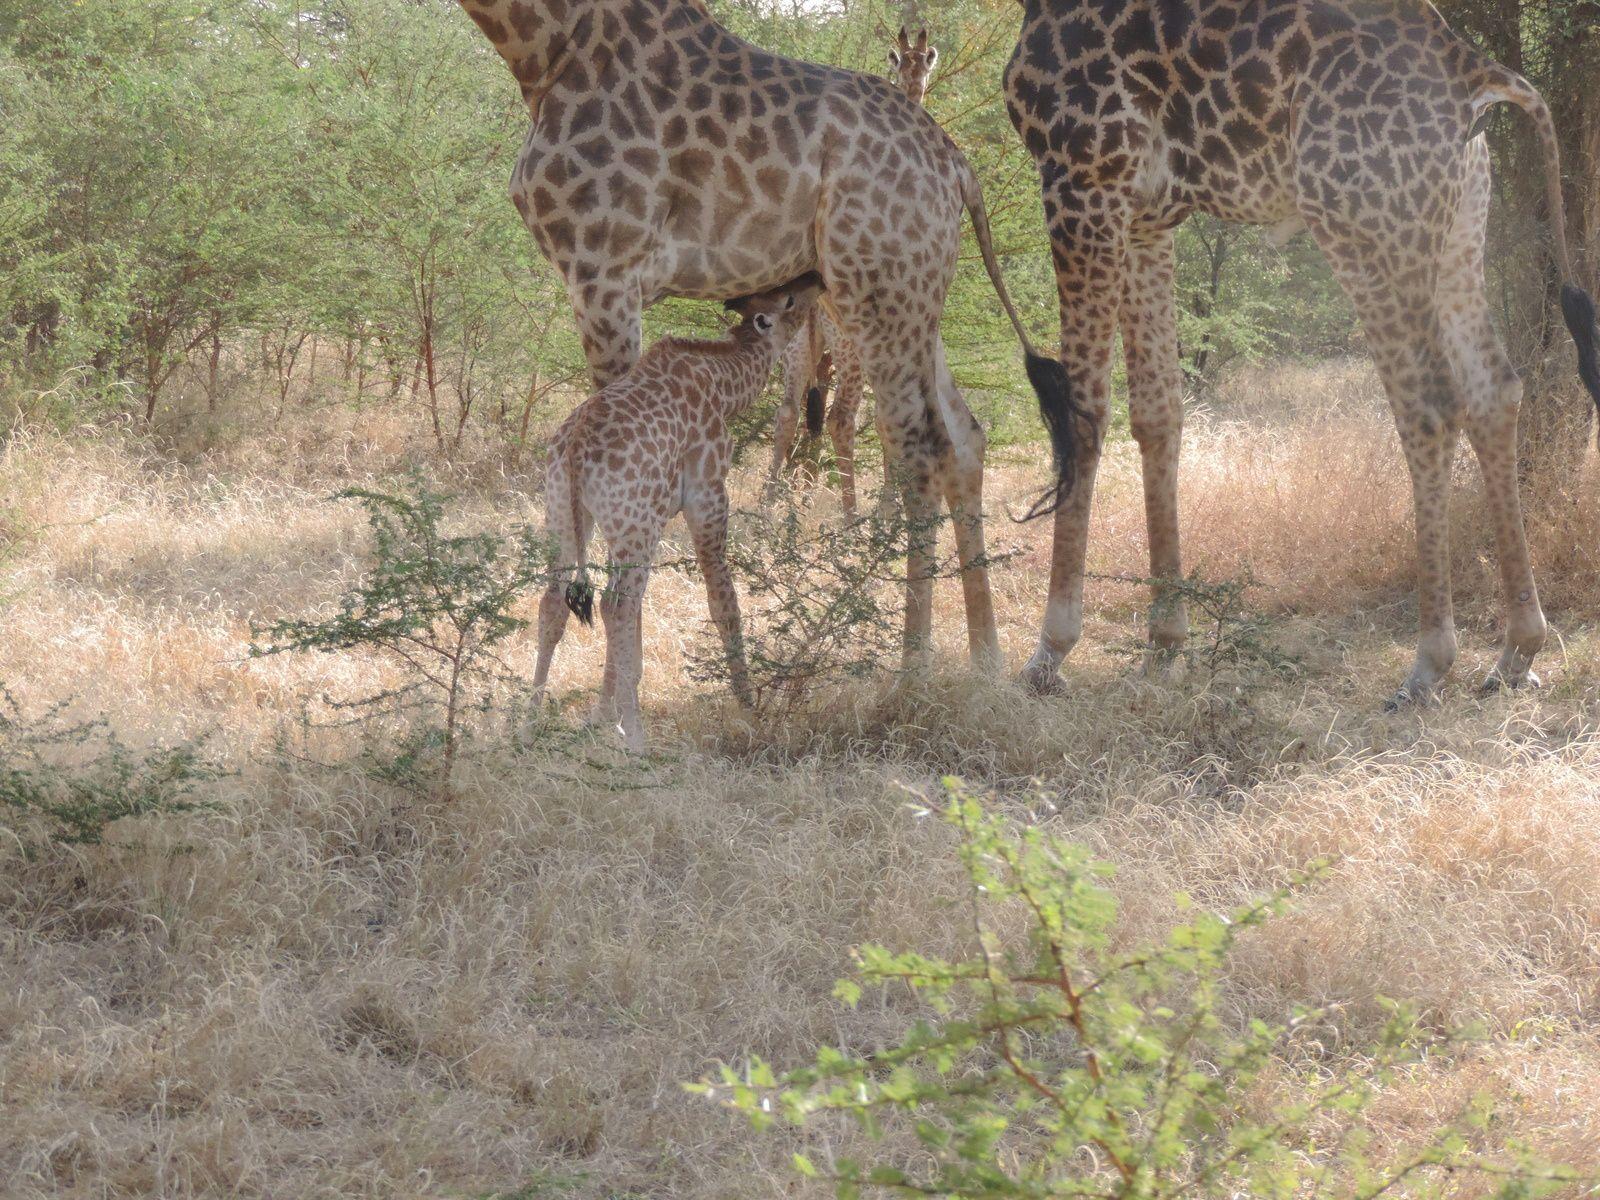 encore une image de girafe, la tétée du girafon